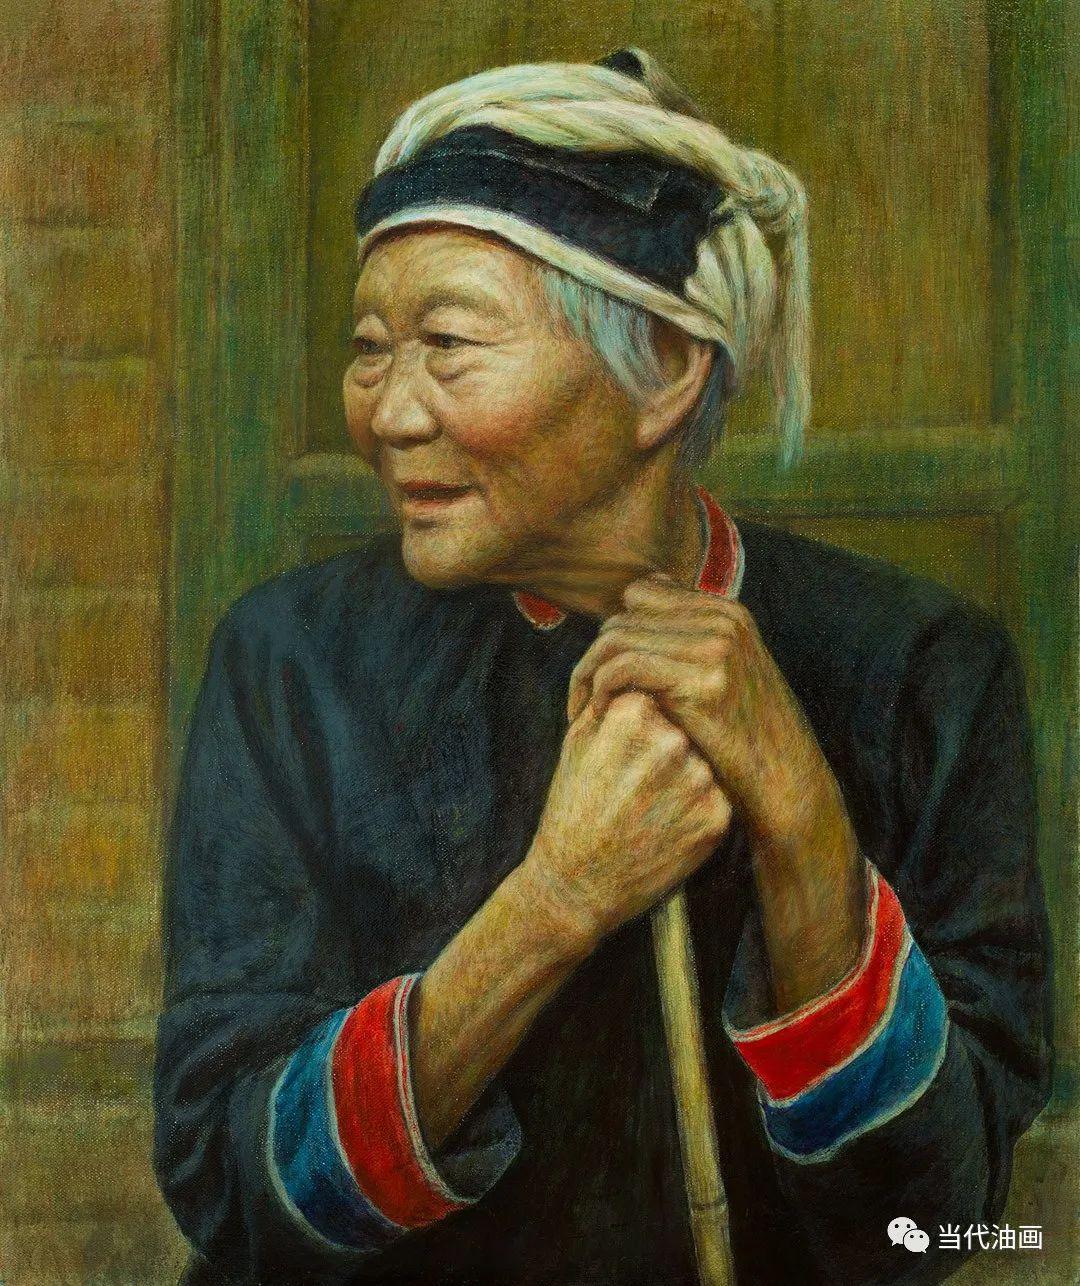 典藏-当代艺术展   刘家勤插图27